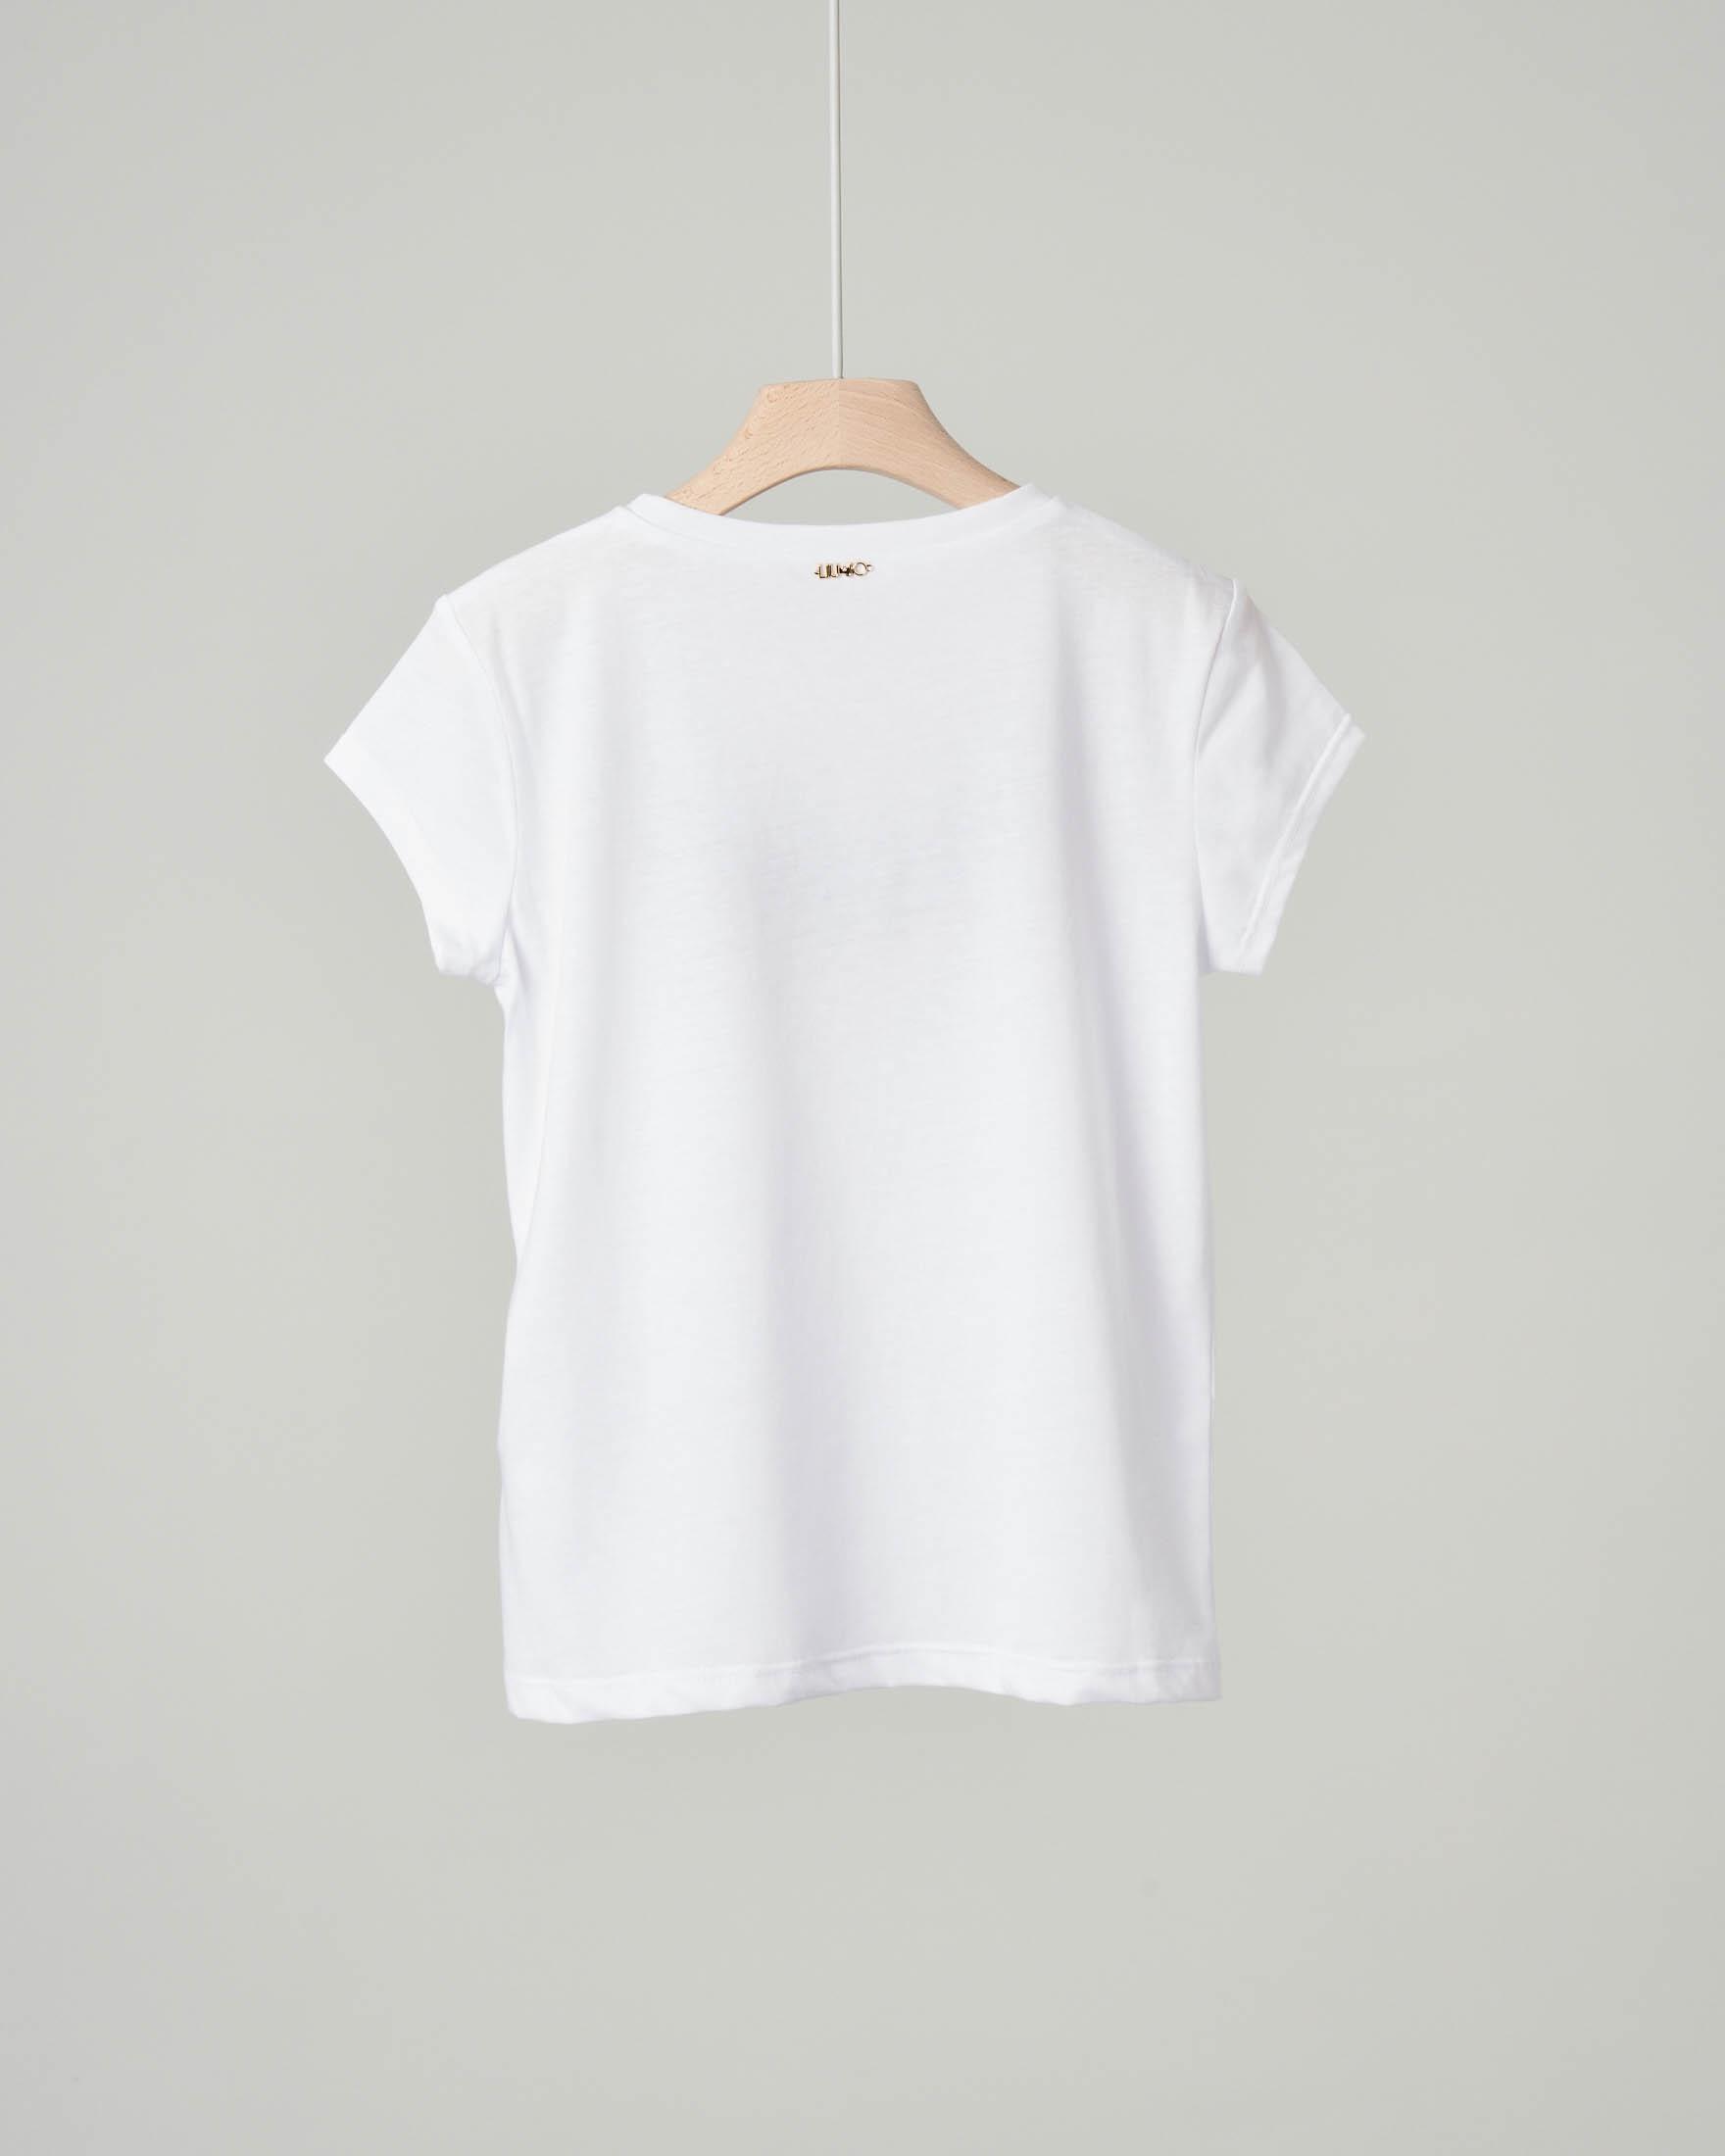 0ae91ab1ffe1ae T-shirt bianca in misto cotone con stampa piume grigie e rosa con strass  applicati · Liu Jo